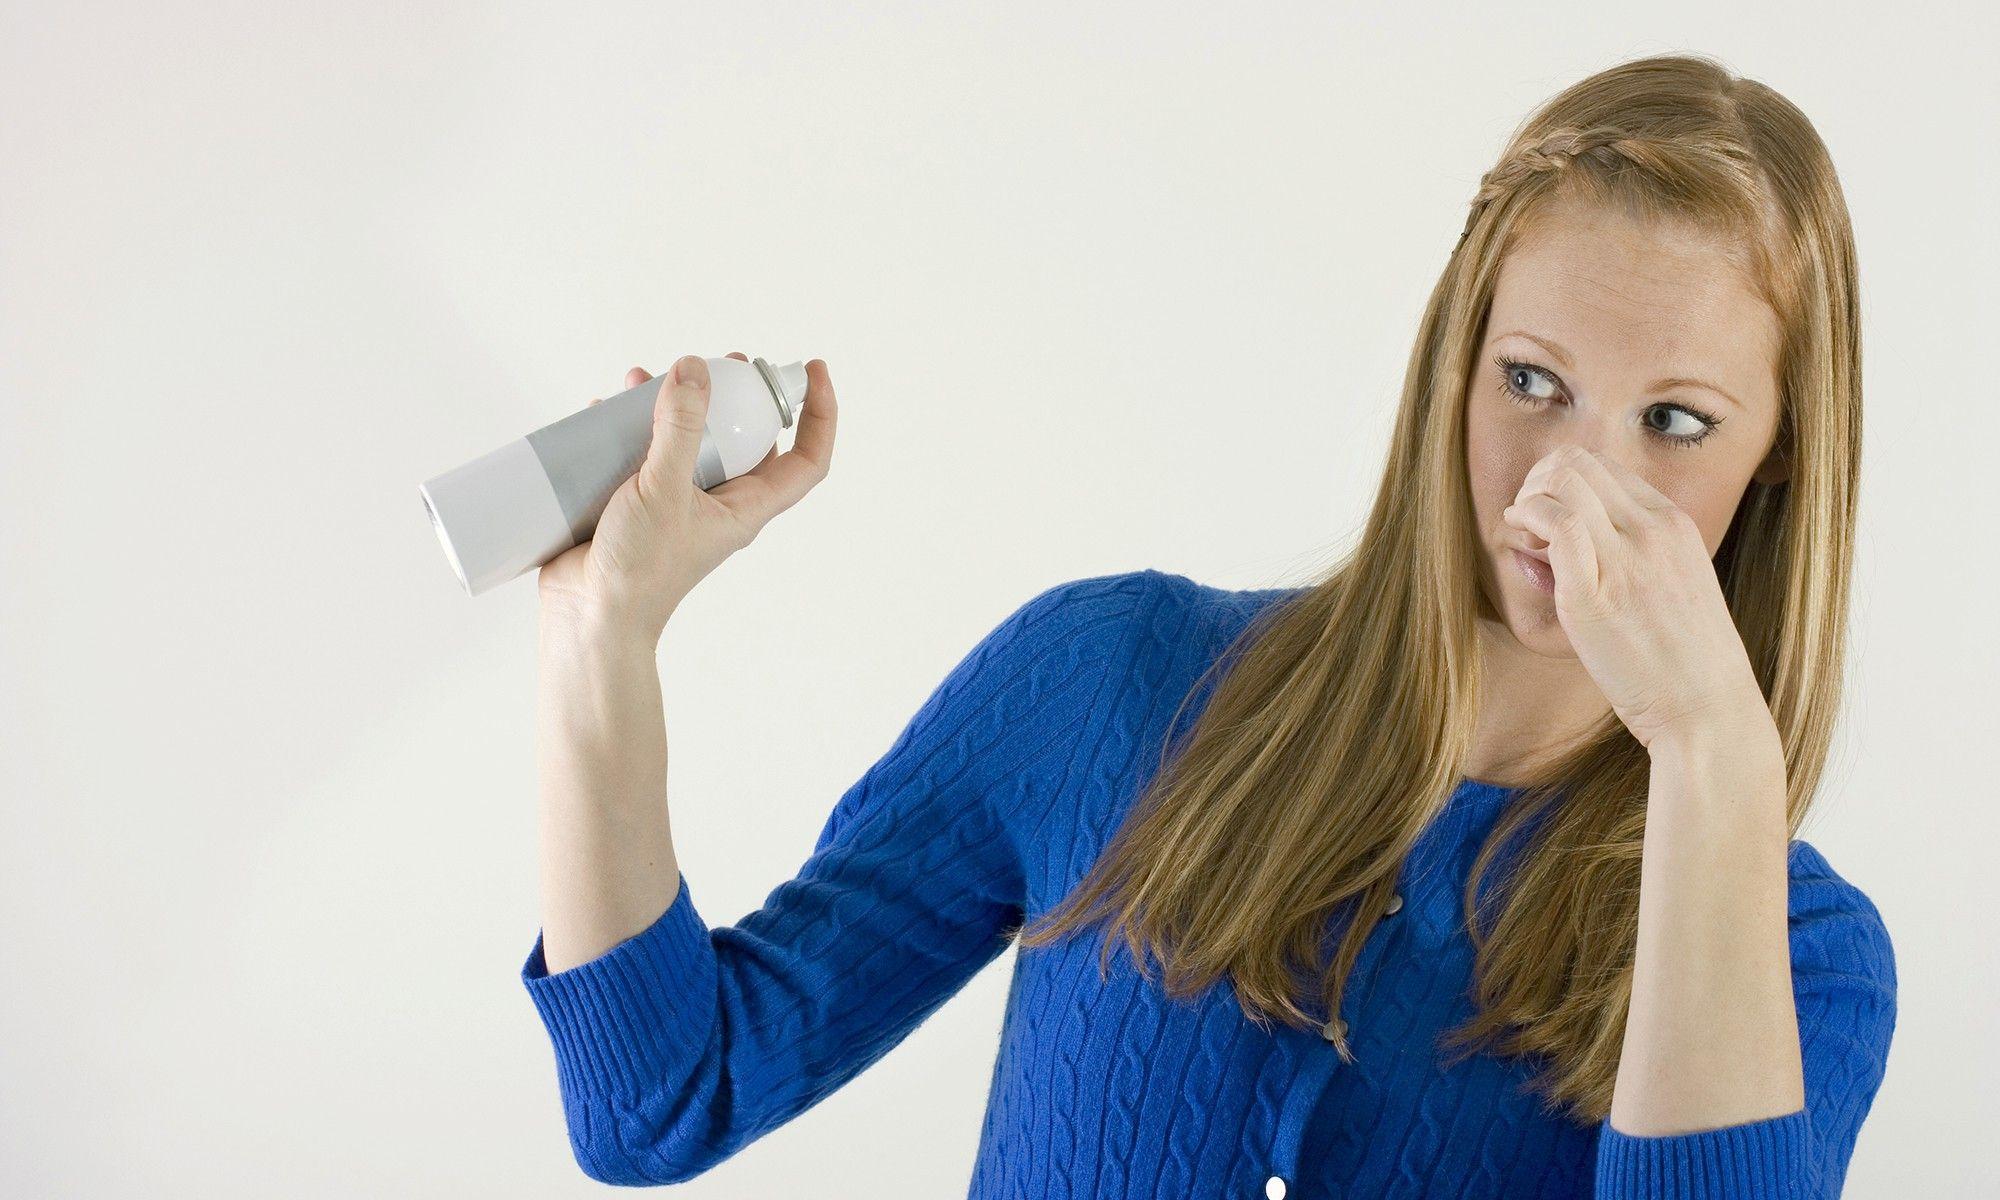 Sản phẩm chứa mùi hương trong nhà - thơm ngất ngây đấy, nhưng tác động đến môi trường cũng ngây ngất! - Ảnh 2.